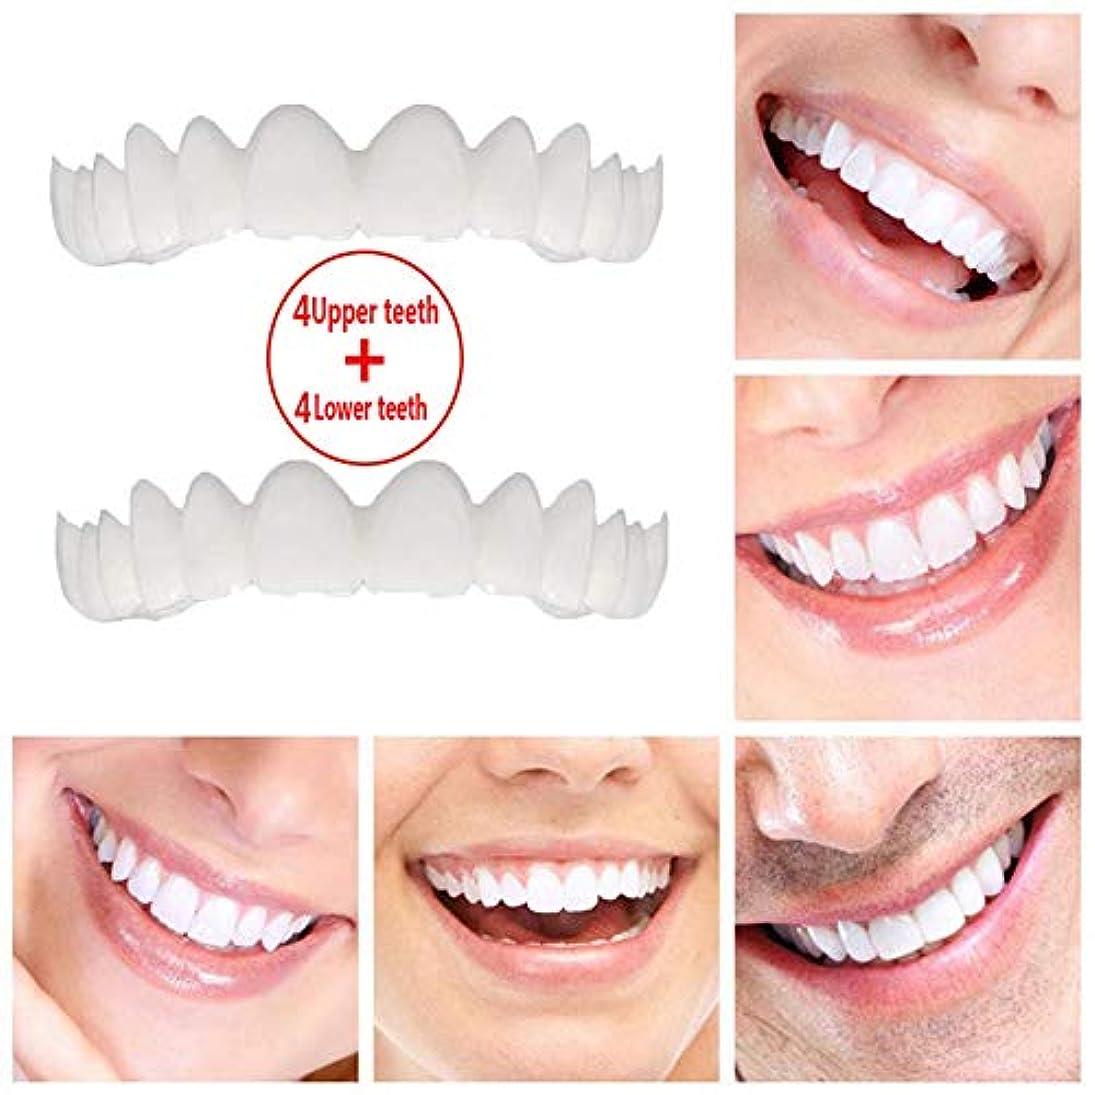 落ち着いた訴える顧問歯のプロ用ブレース化粧品、上部ブレース+下部ブレース